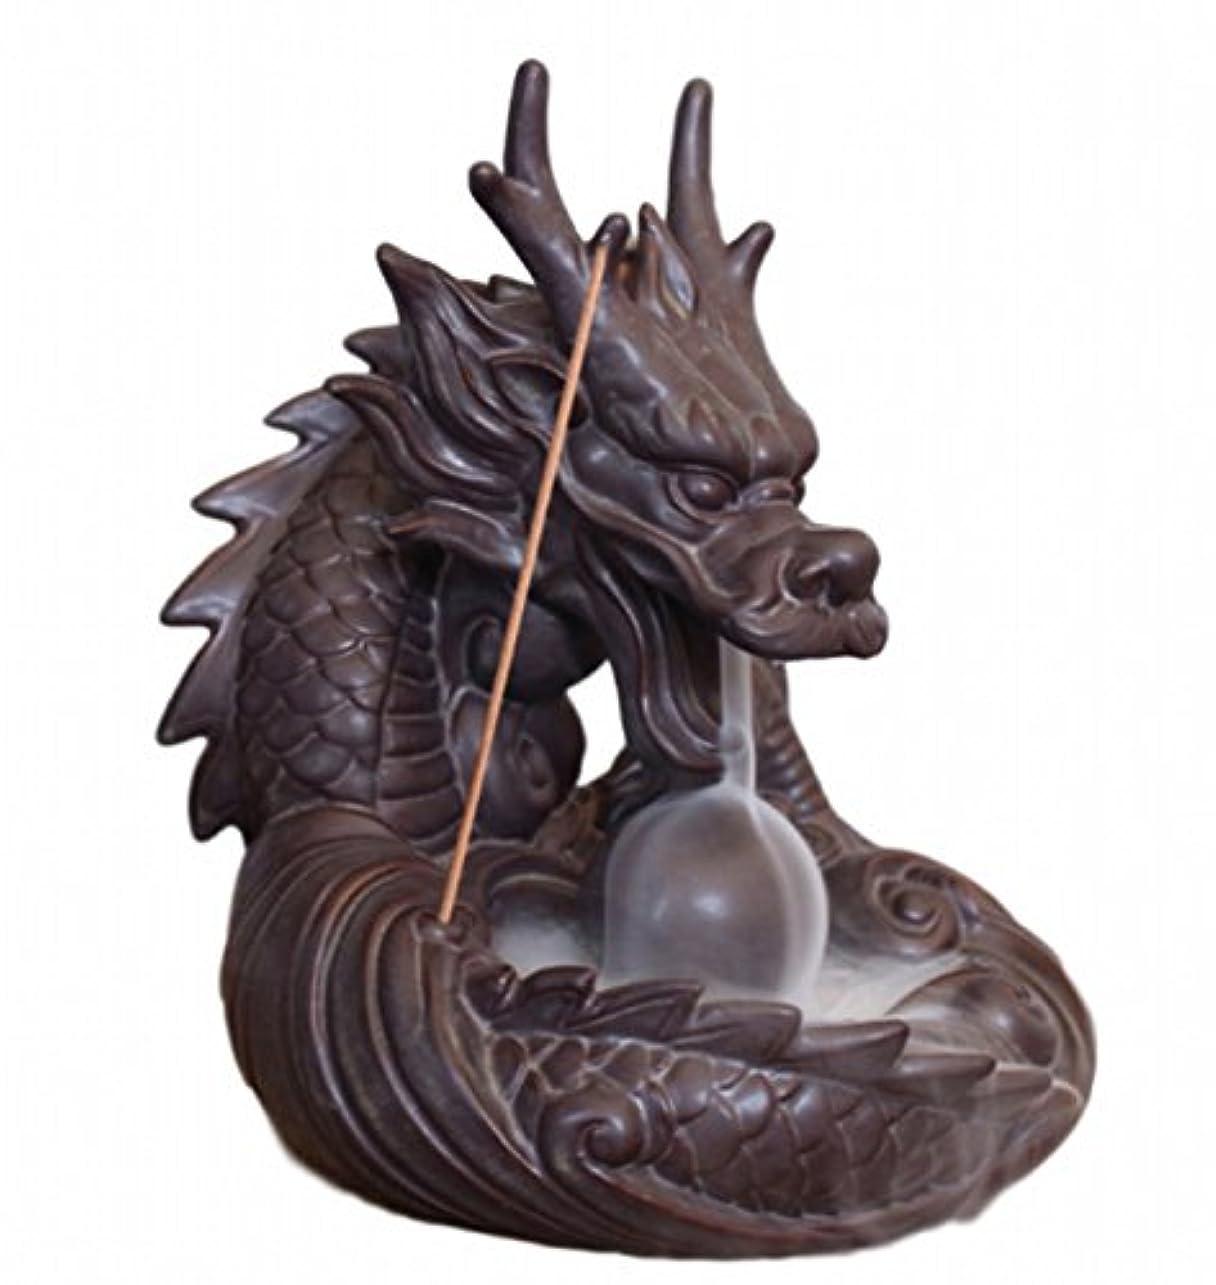 常にサポート最大限【Rurumiマーケット】不思議なお香 倒流香 用 香炉 ドラゴン お試しお香付き 流川香 陶器製 (ドラゴンB)